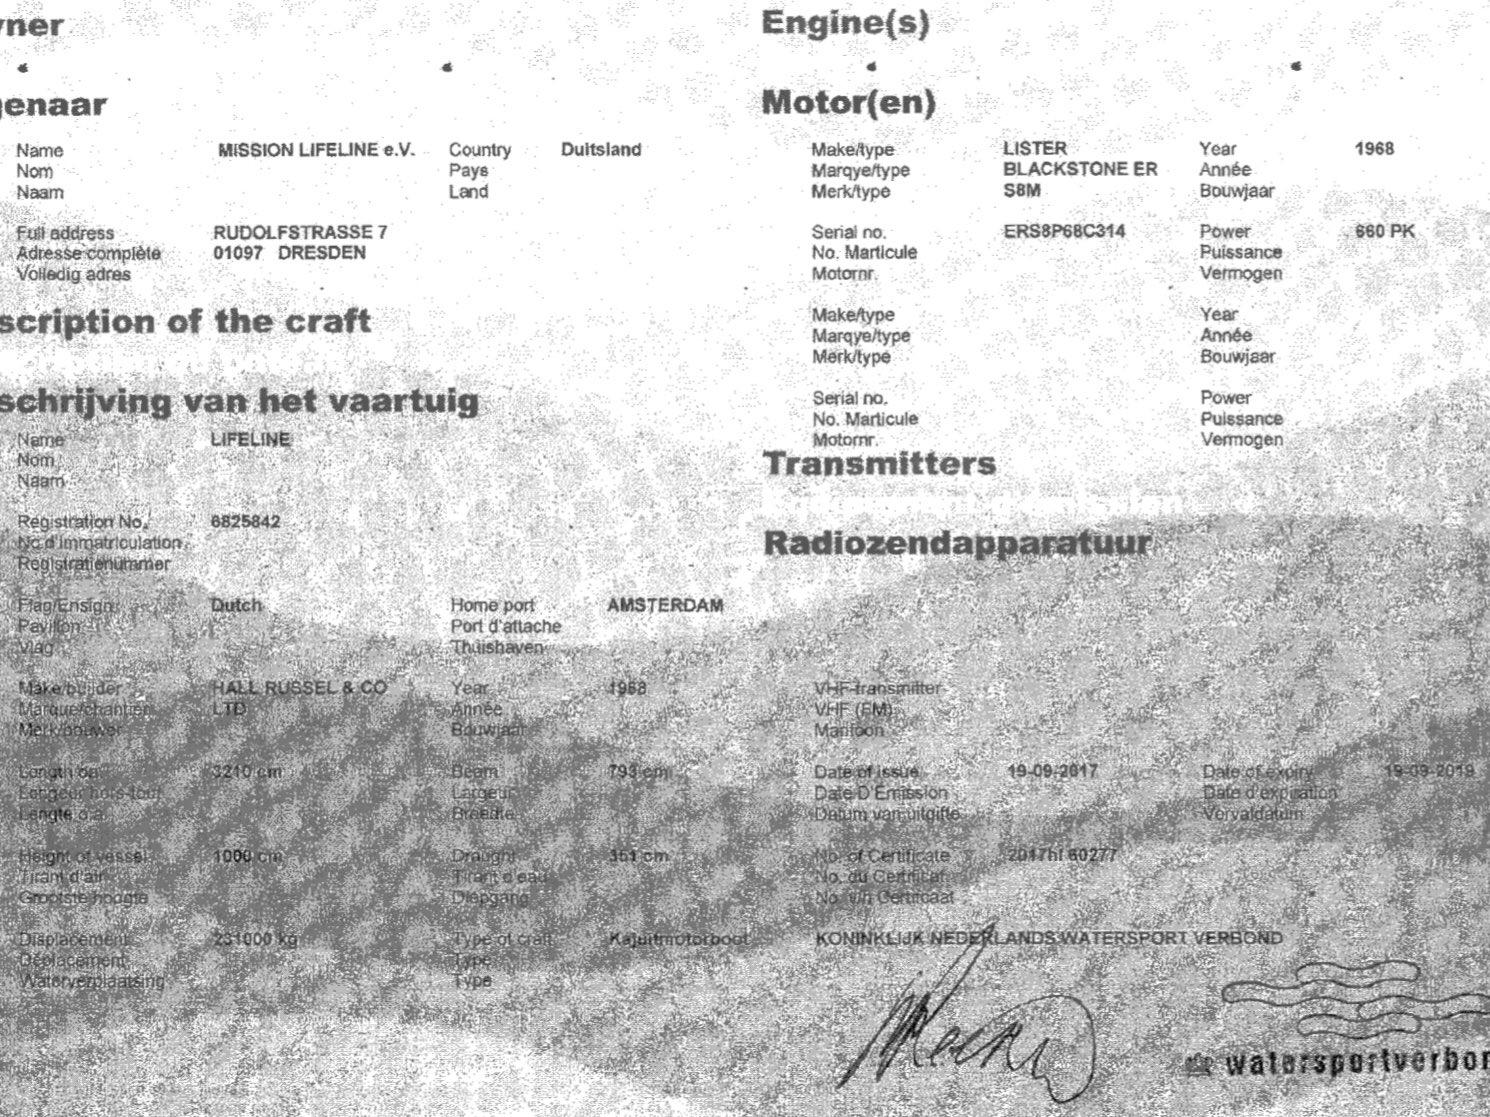 MV Lifeline registration